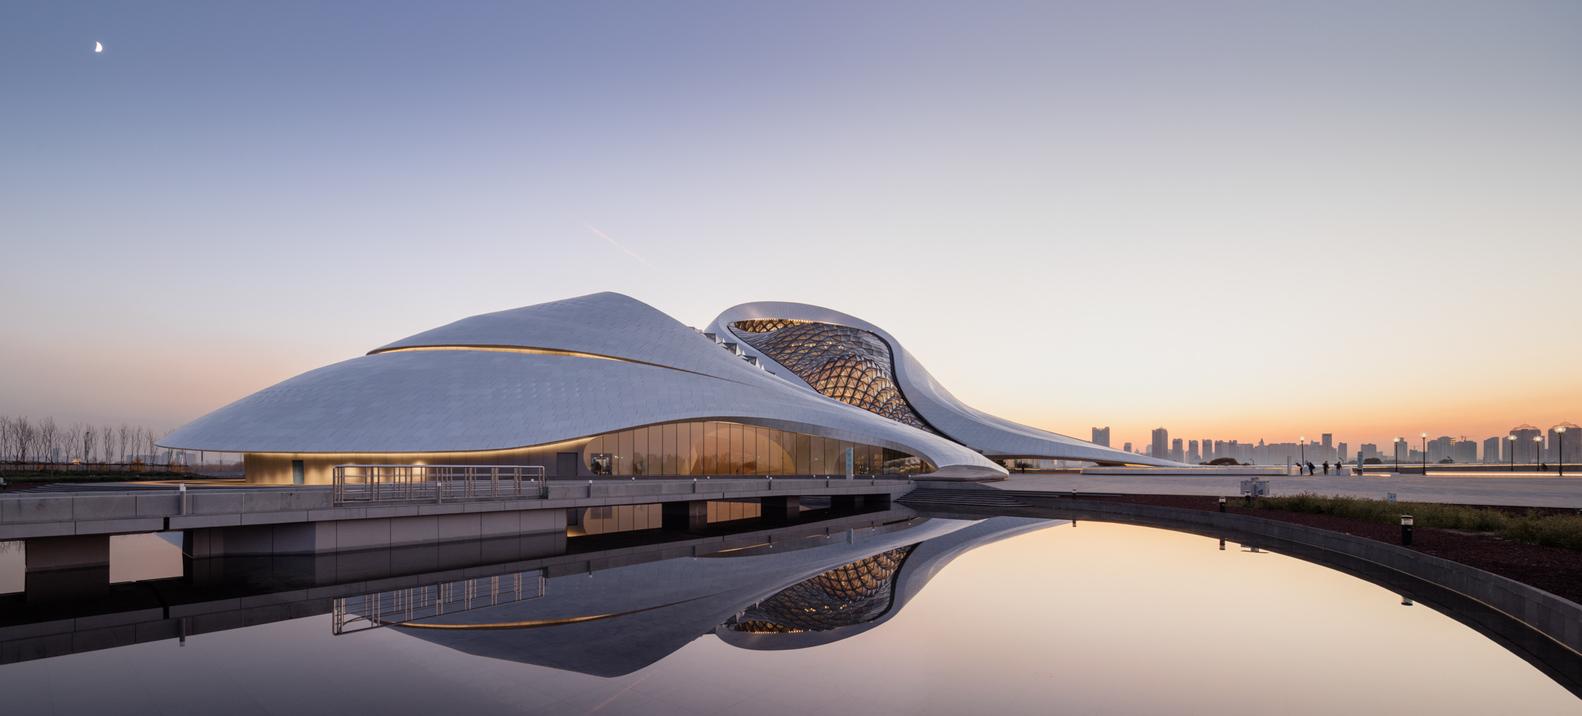 ארכיטקטורה שנמסה לתוך הסביבה